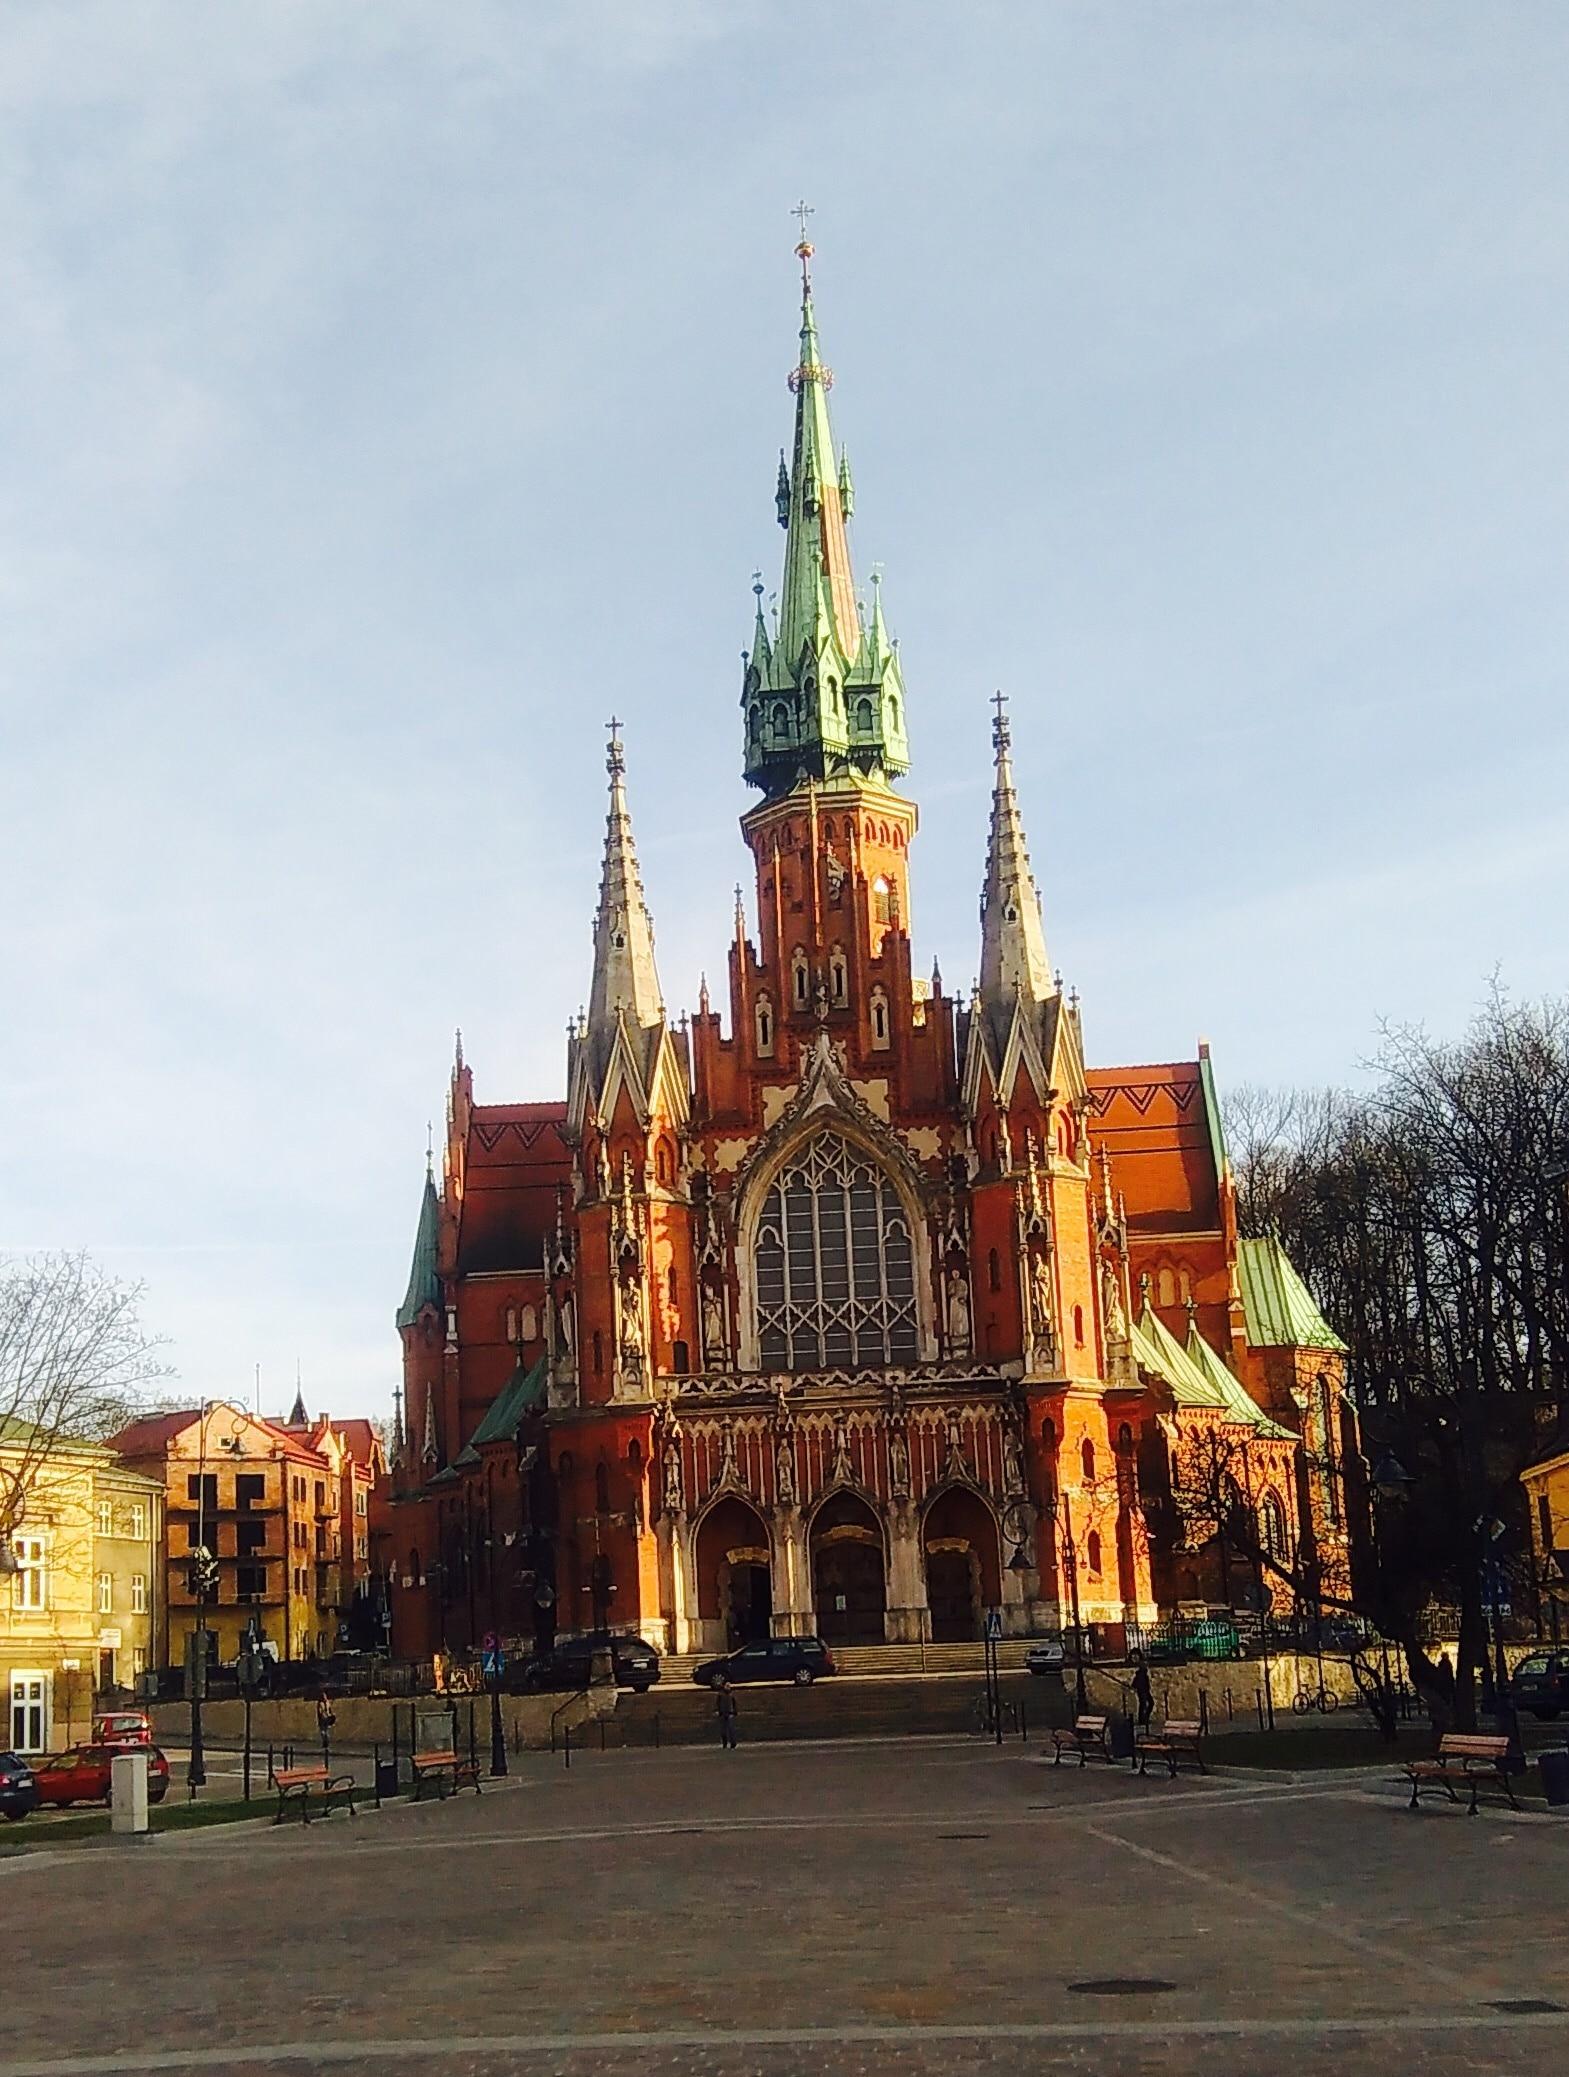 St. Joseph's Church, Krakow, Lesser Poland Voivodeship, Poland